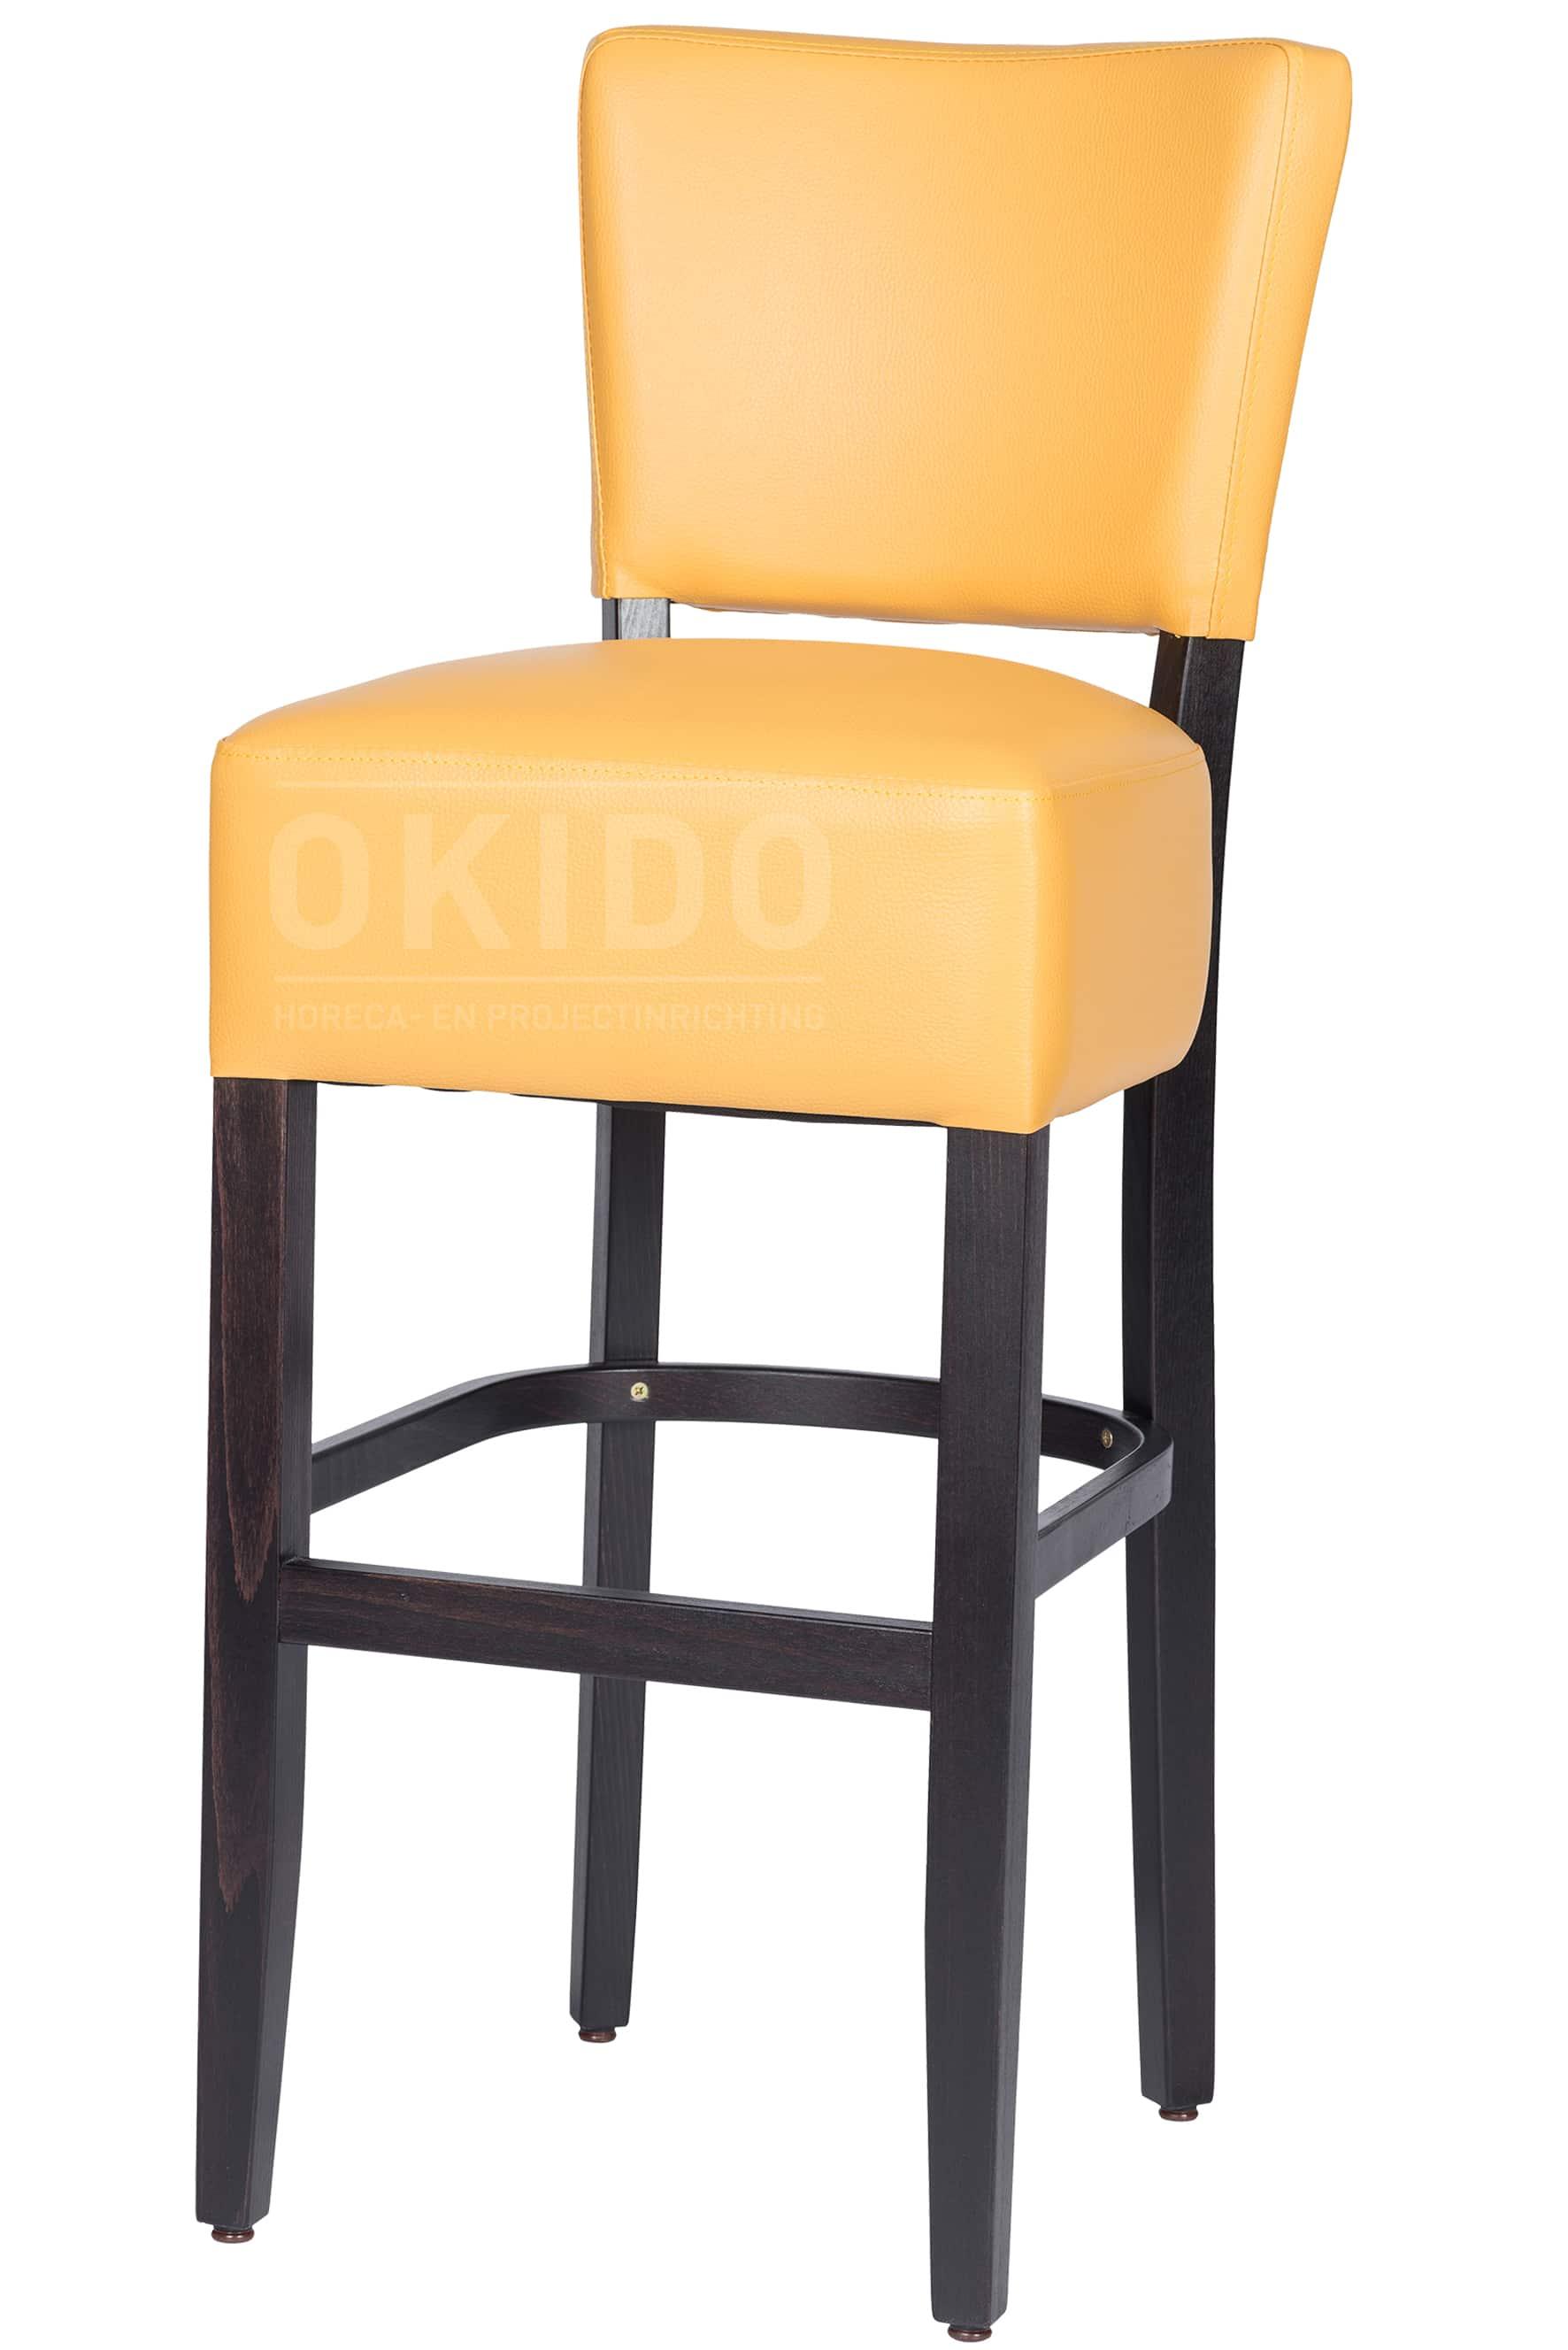 Fonkelnieuw lisa - Horeca-meubilair.be QS-13